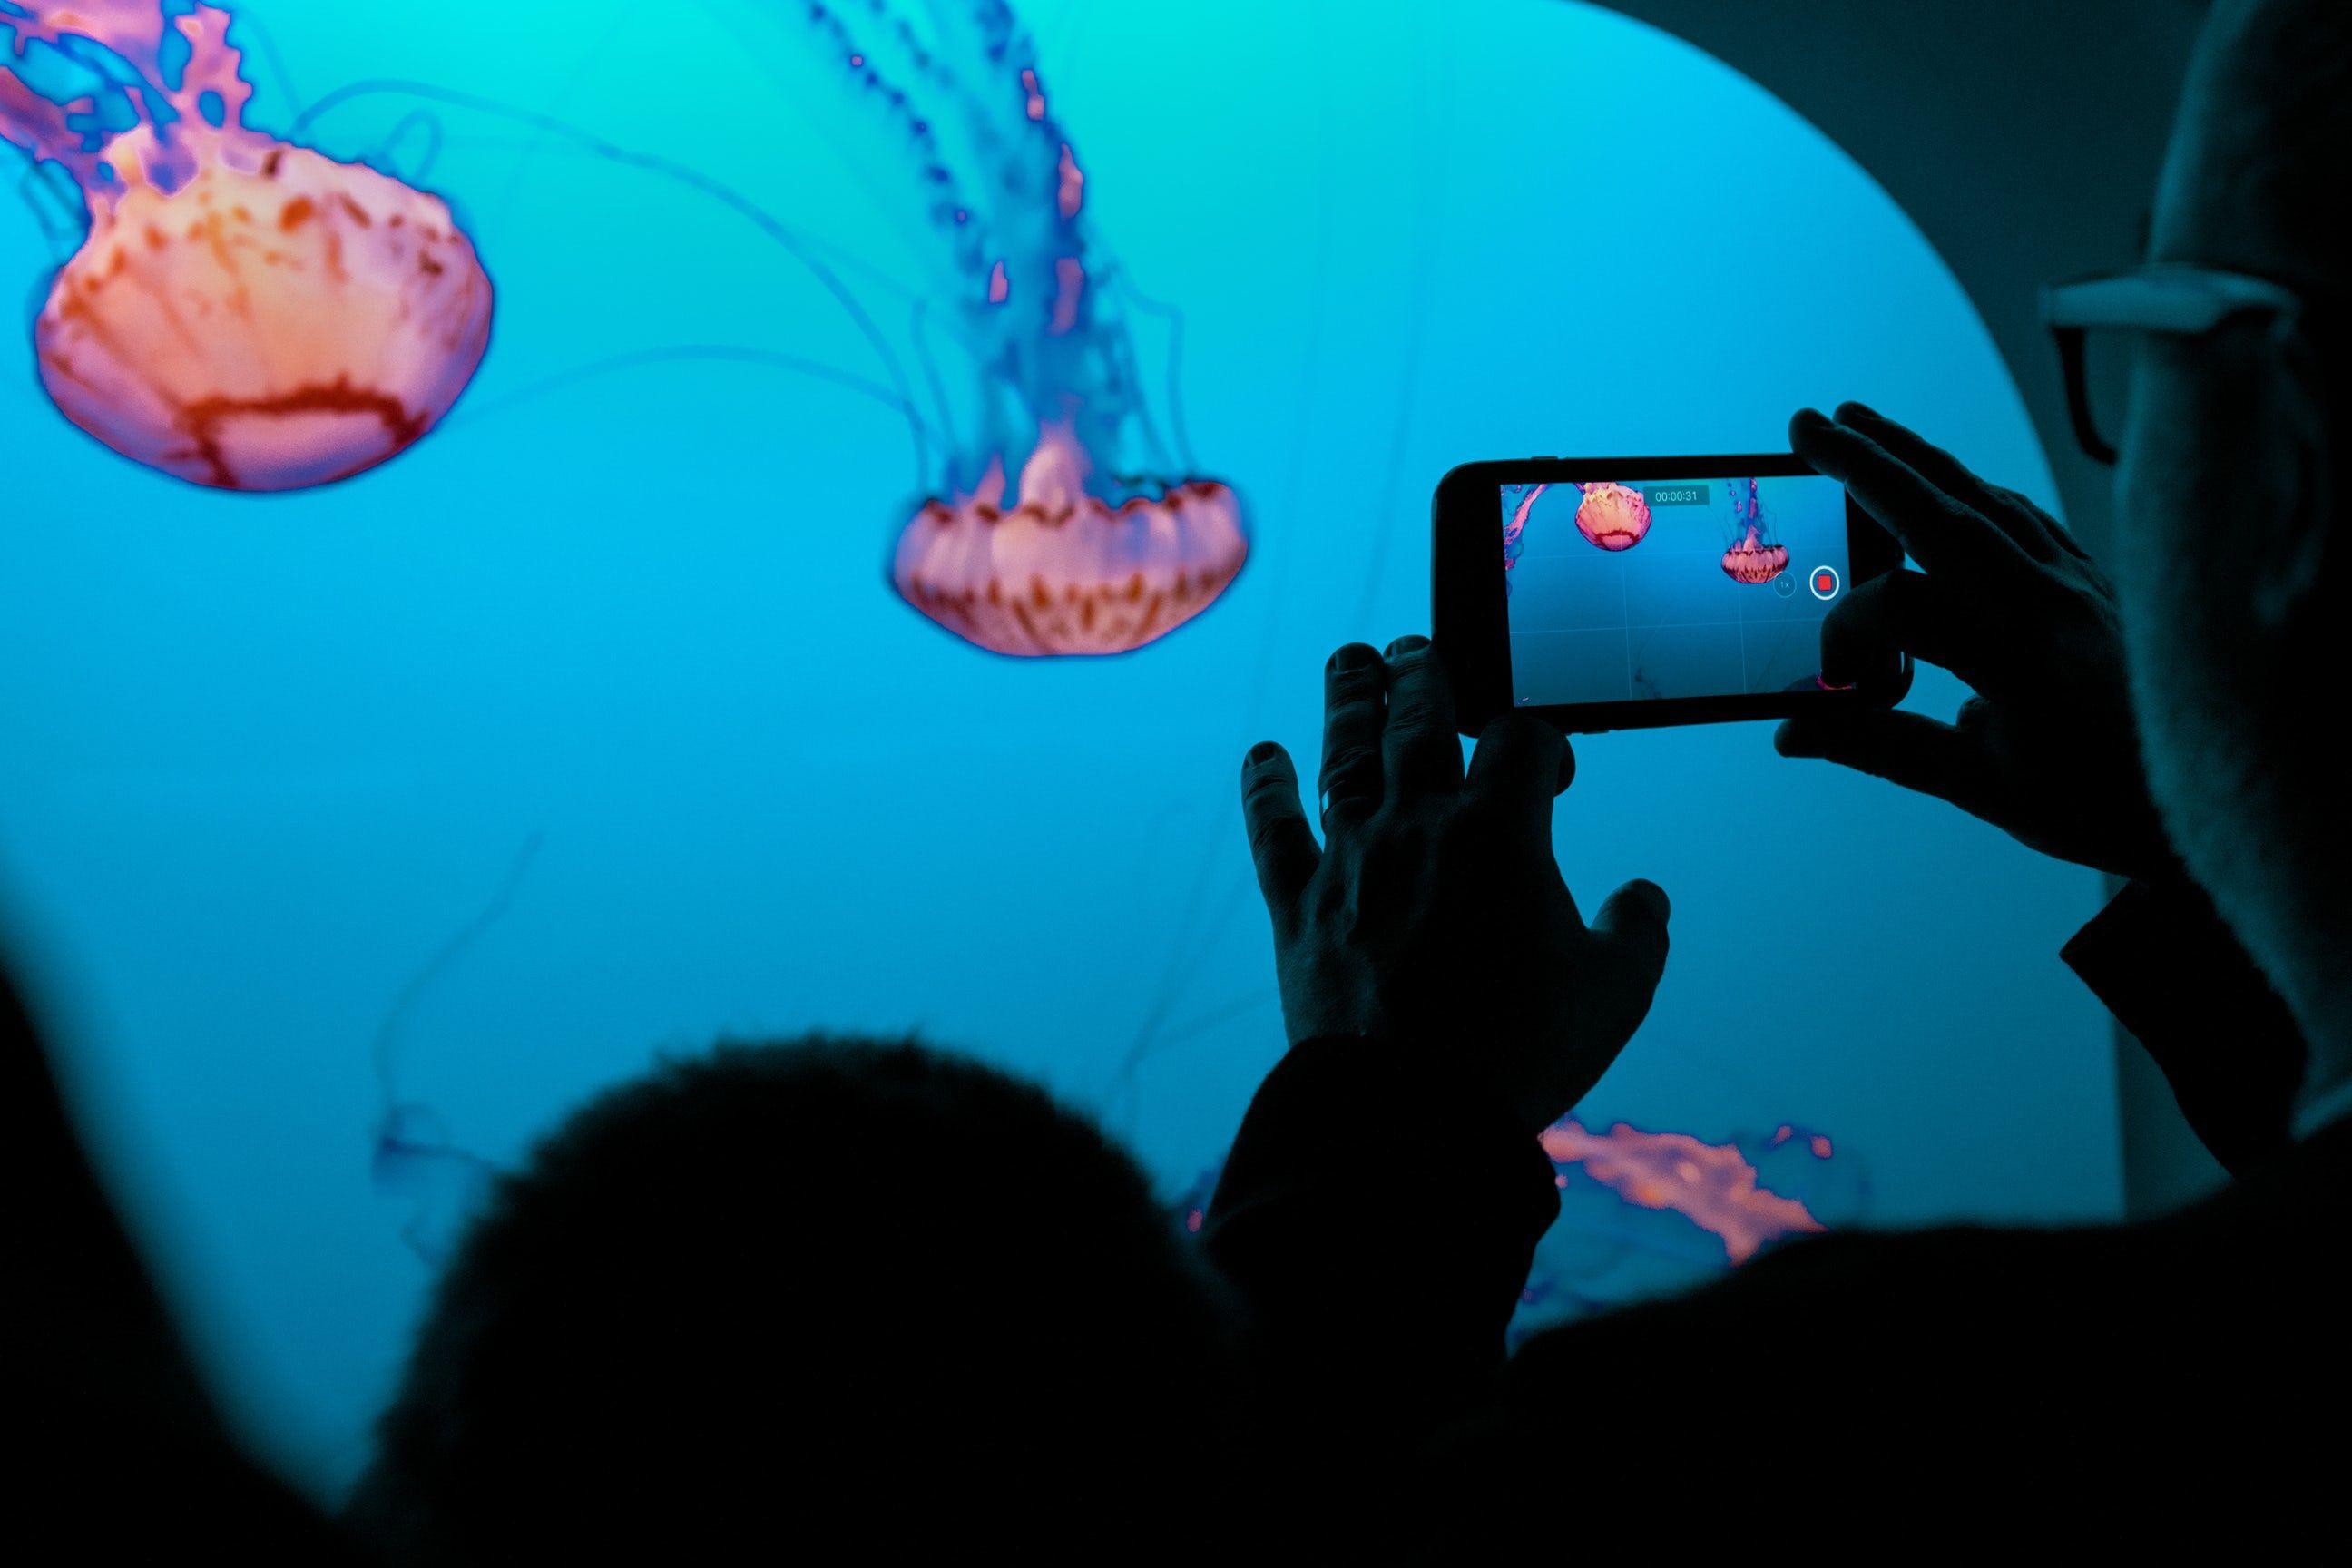 Aquarium pictures download free images on unsplash